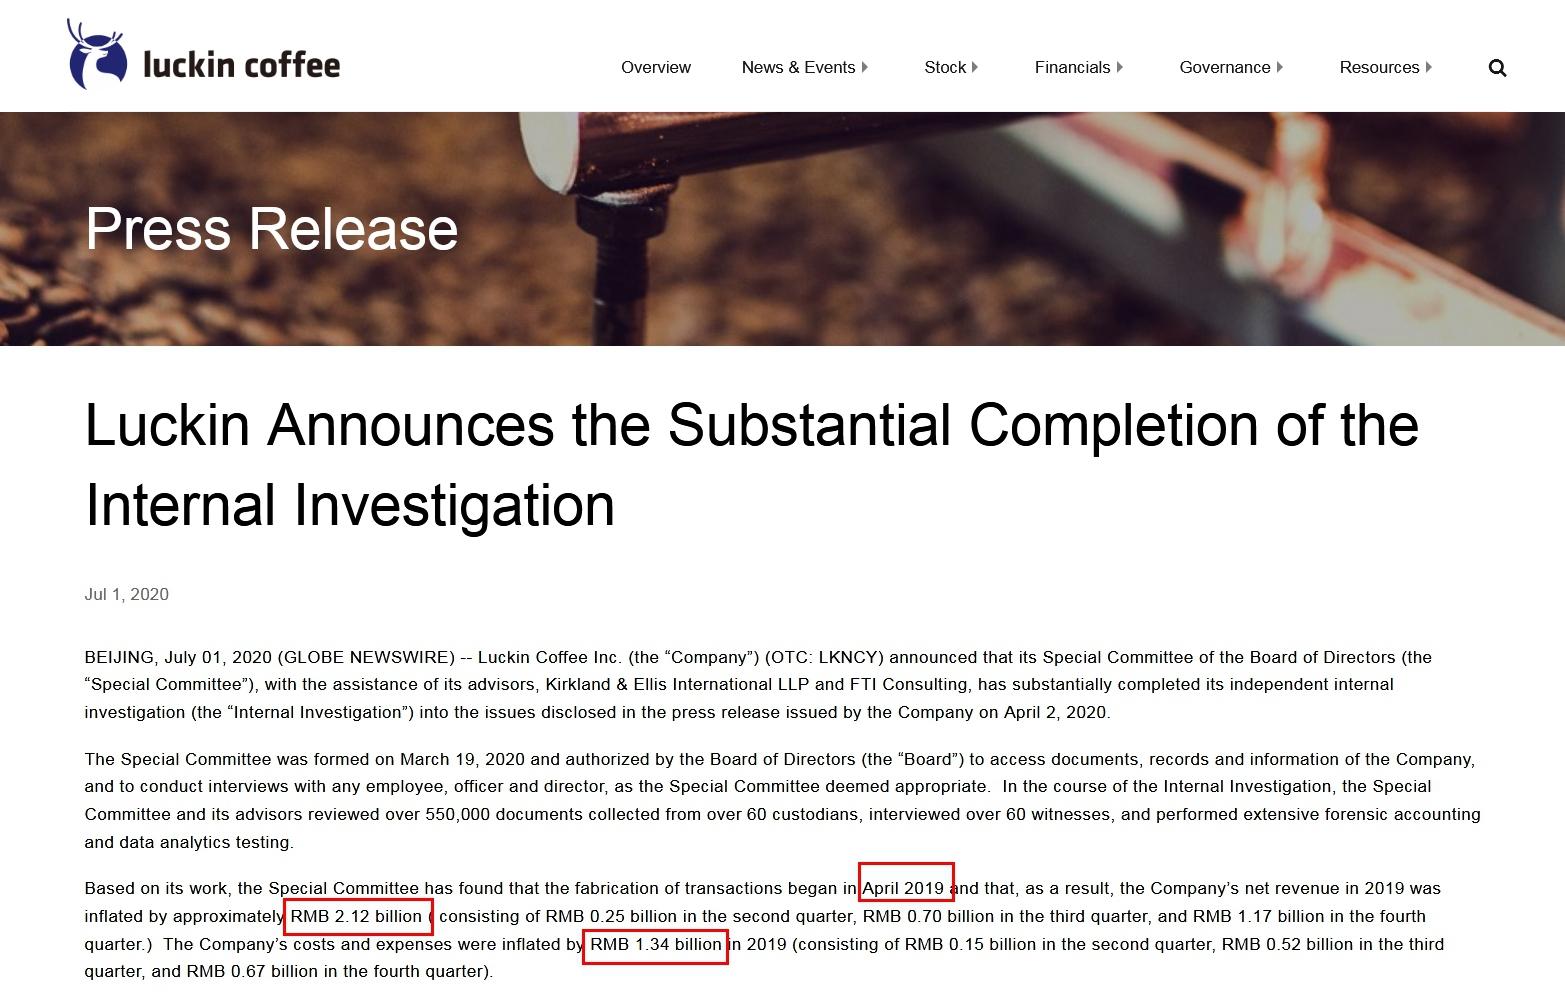 瑞幸咖啡内部调查基本完成 要求陆正耀辞去董事长职务